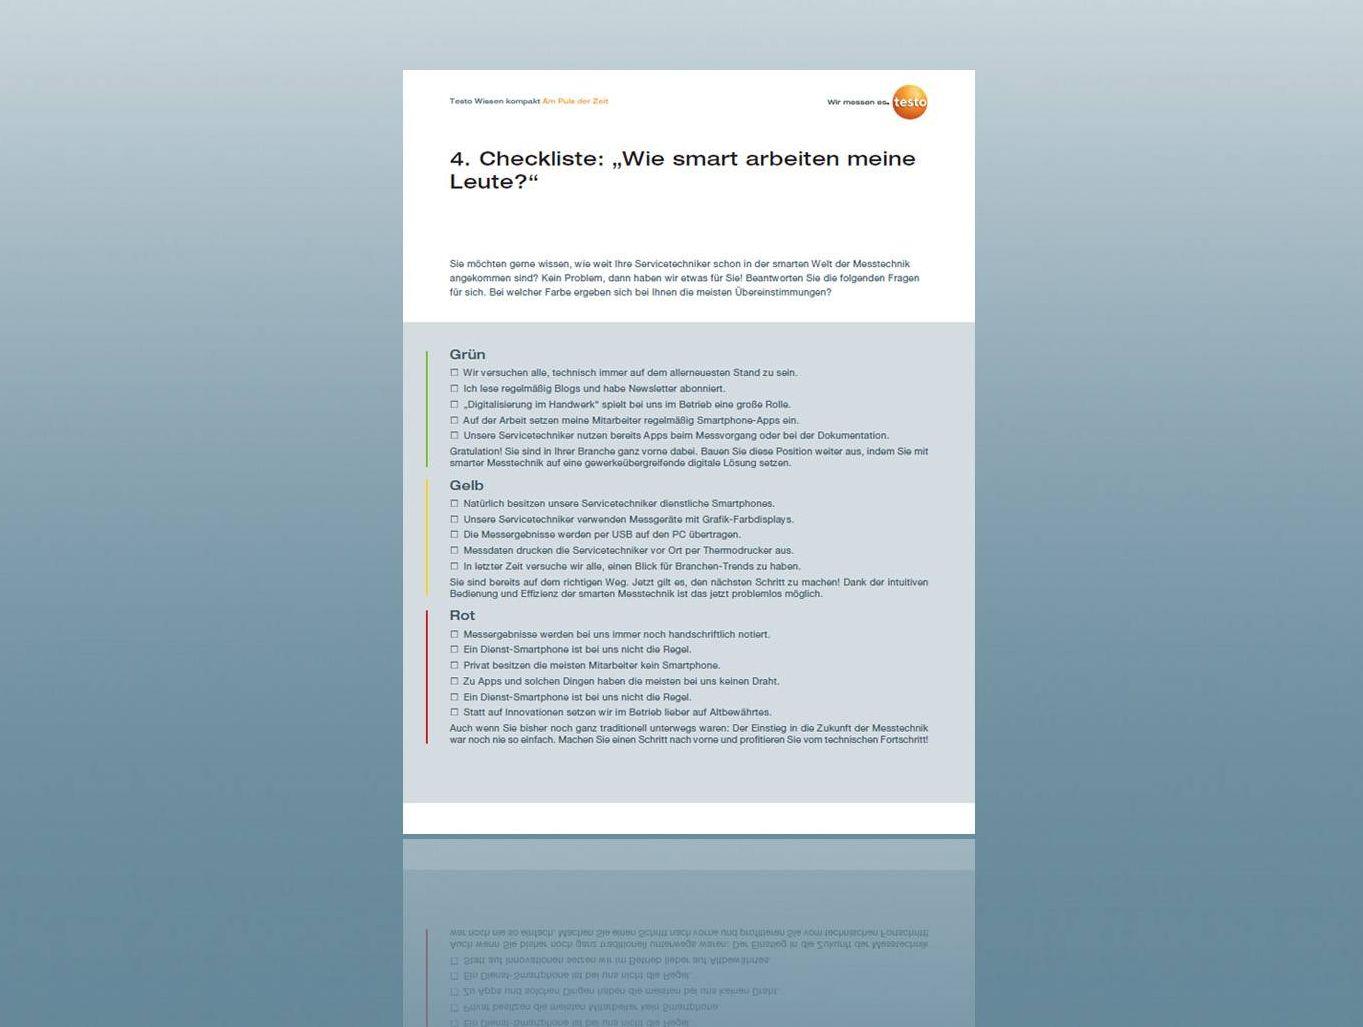 Checkliste Wie smart arbeiten meine Leute zum Download